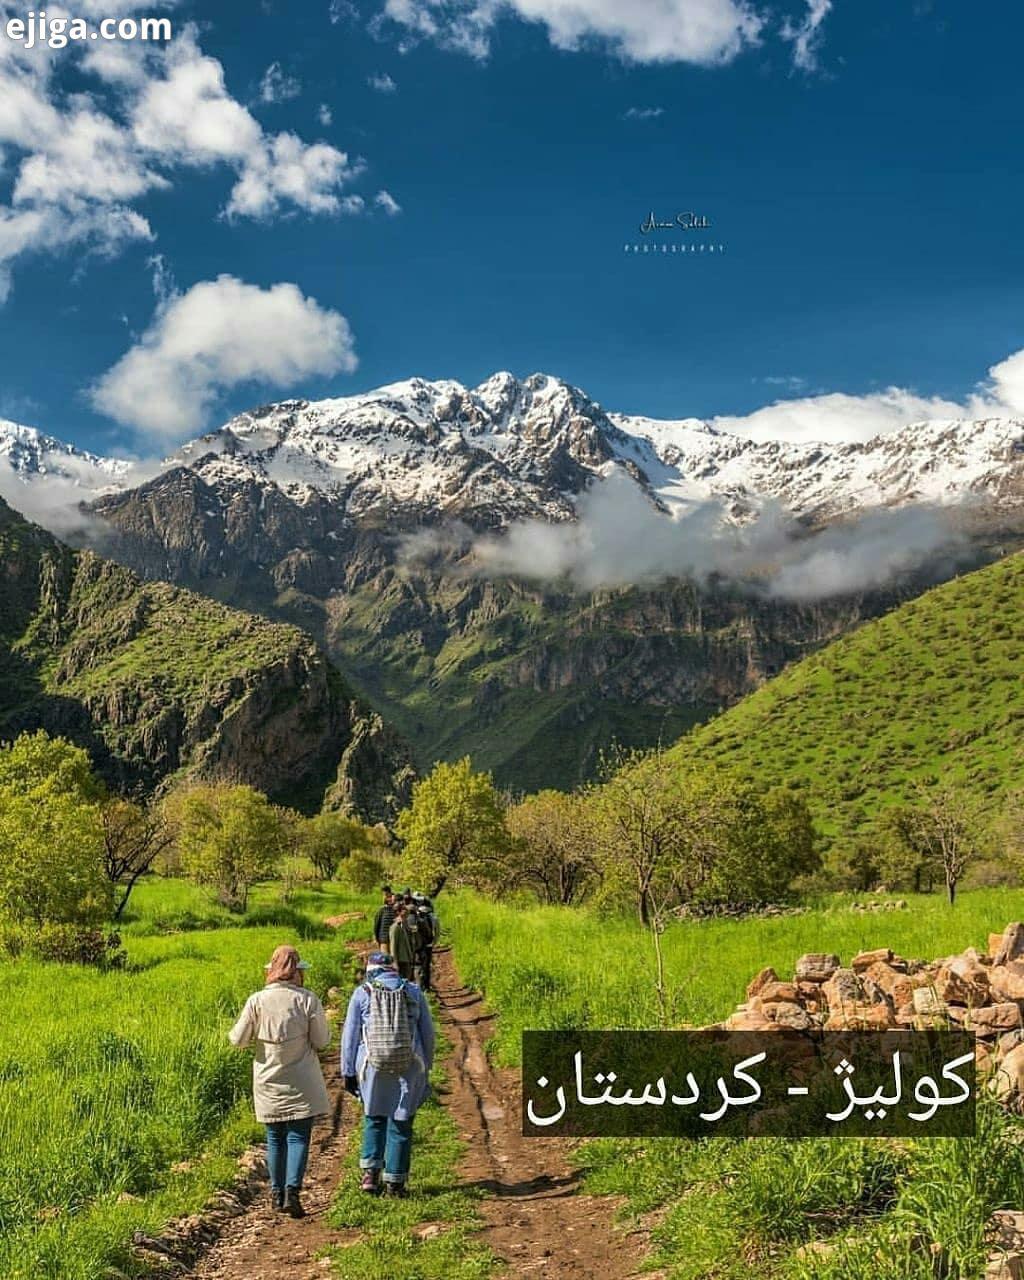 .اینجا سوئیس نیست اینجا منطقه زیبای شاهو در کردستان است لوکیشن : روستای کولیژ Photo :..سنندج استیودن